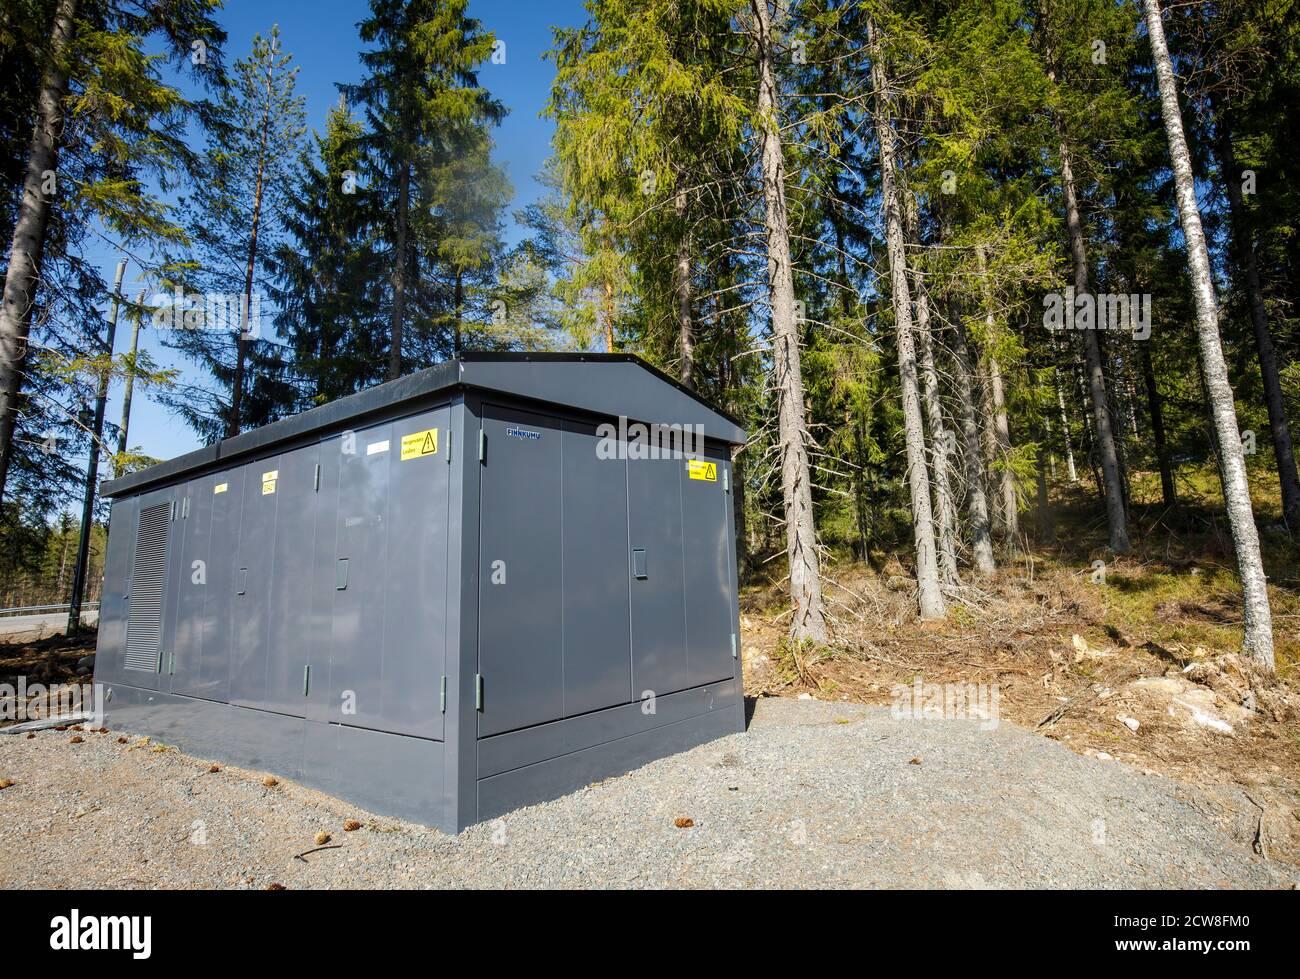 Nouvelle sous-station européenne de transformateur d'électricité dans la forêt à été , Finlande Banque D'Images